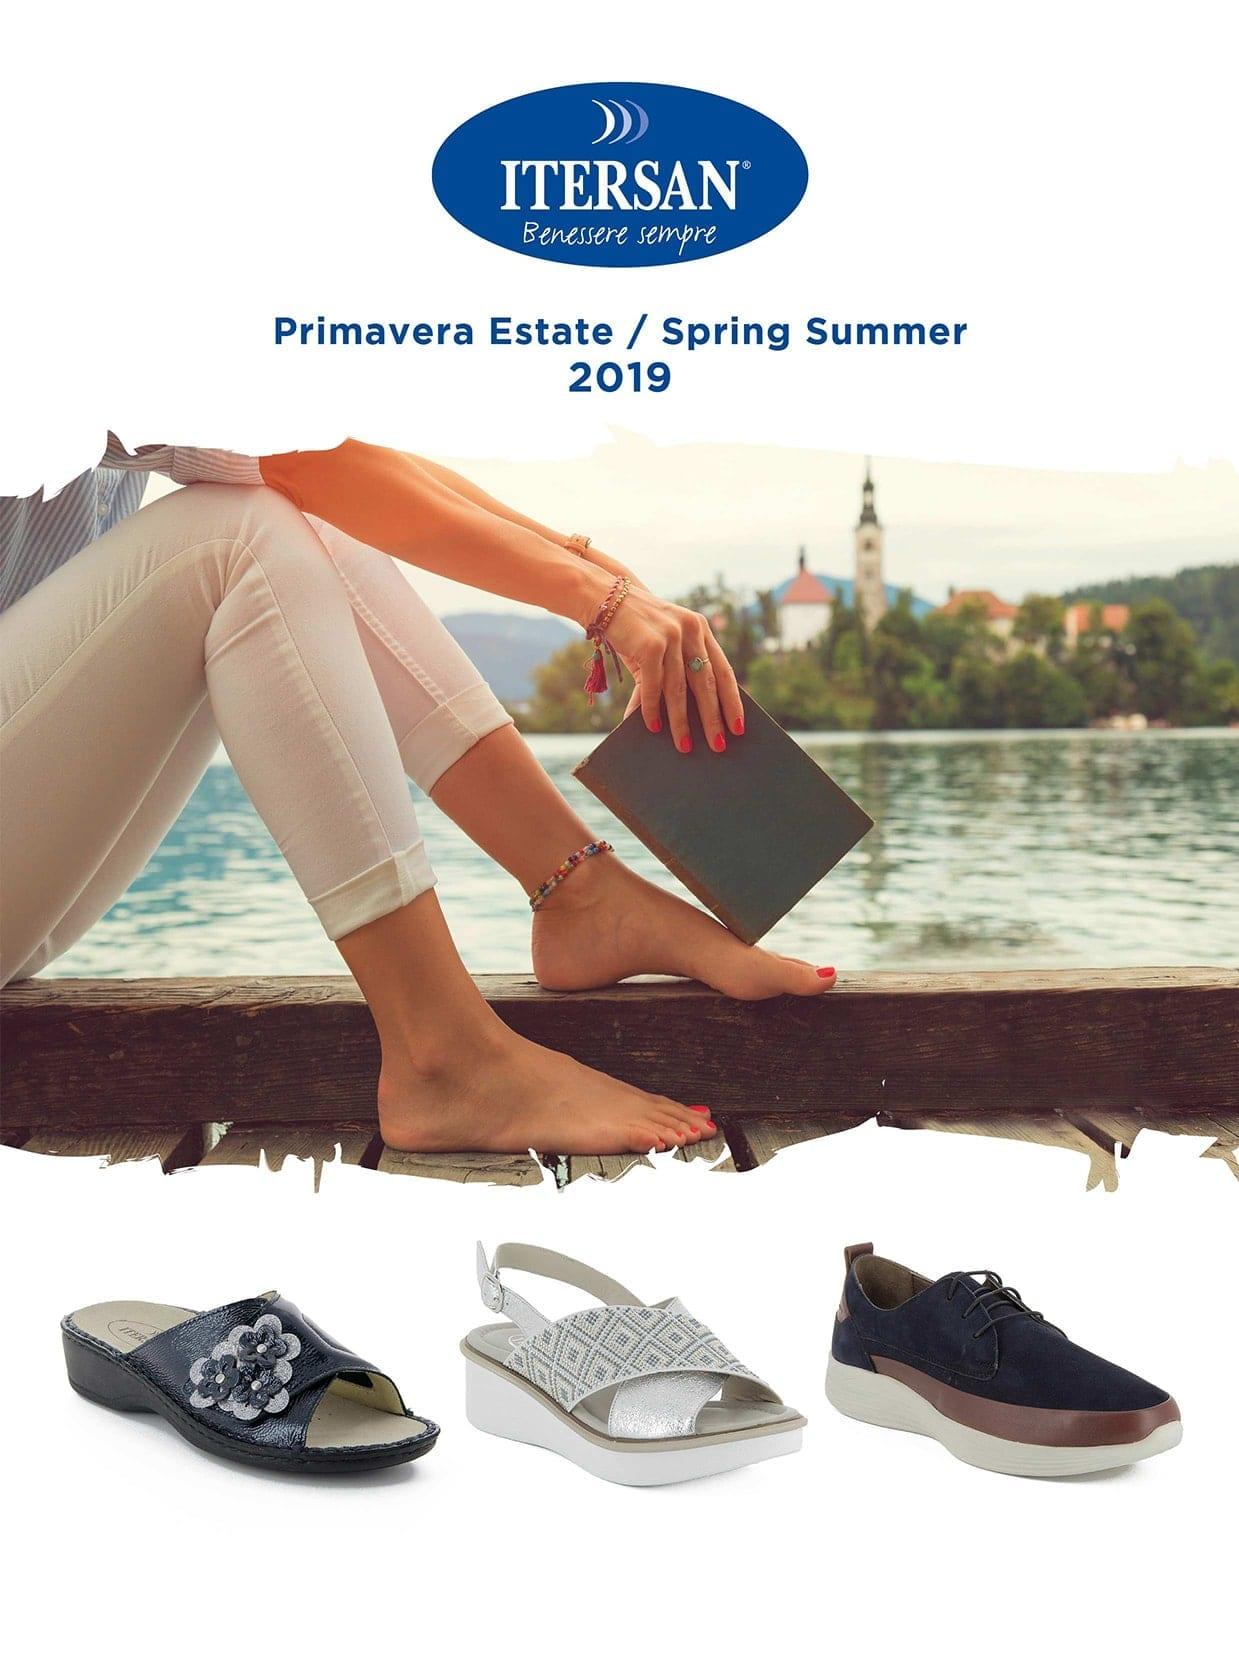 itersan-catalogo-pe-2019ok1